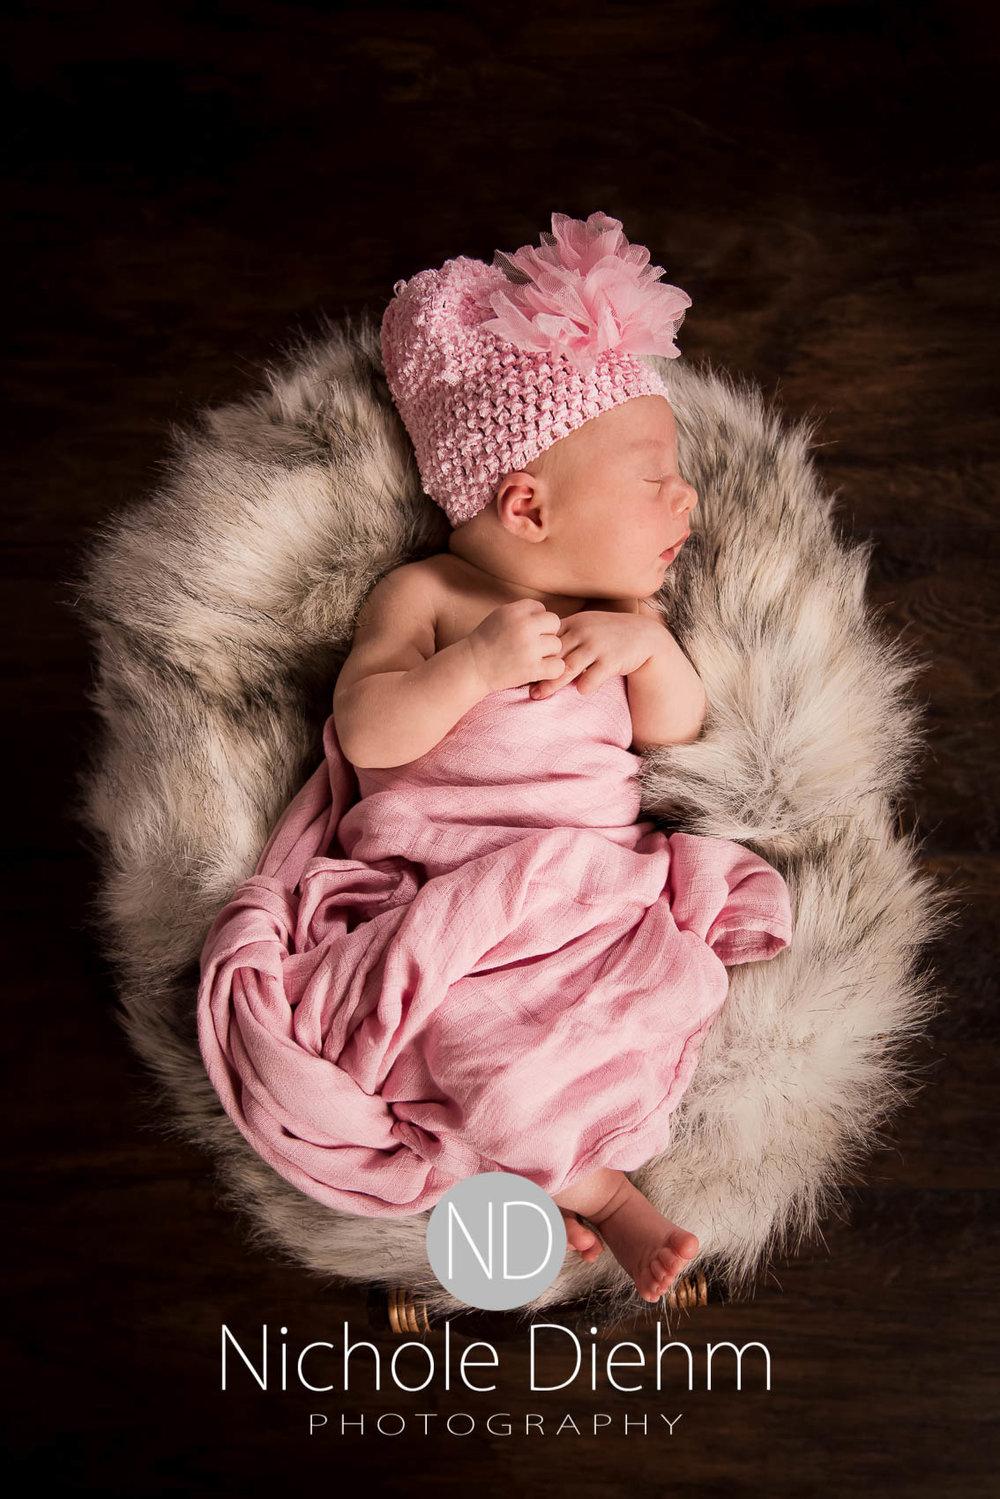 cedar-valley-iowa-photographer-newborn-nichole-diehm-photography-brielle122.jpg